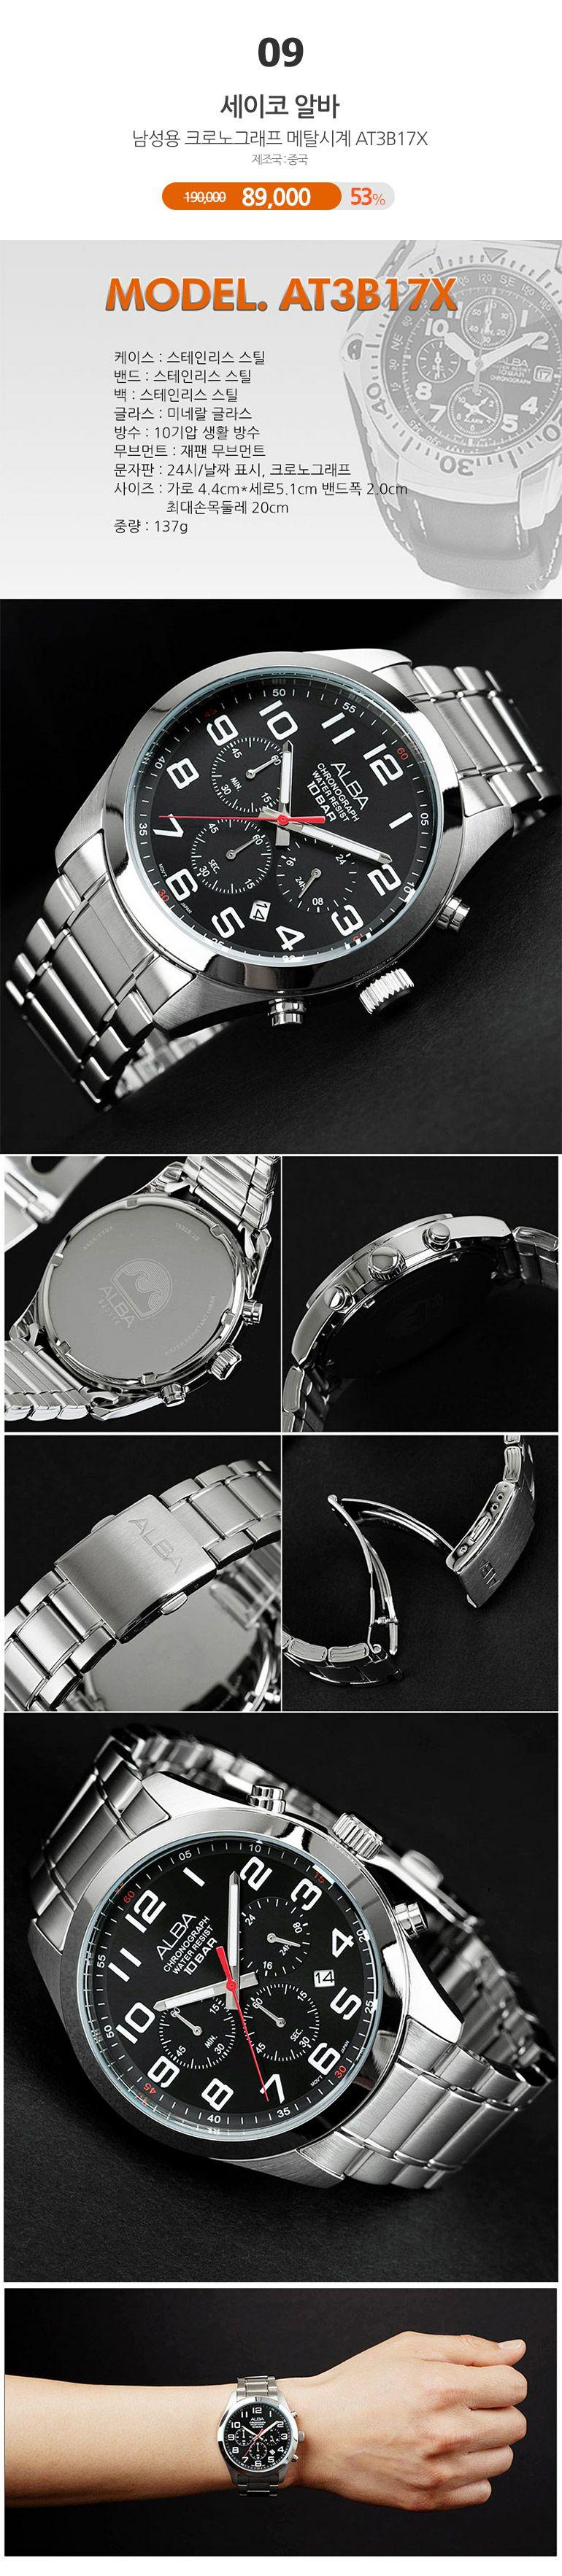 알바] 깔끔한 디자인 손목시계 15종   티몬